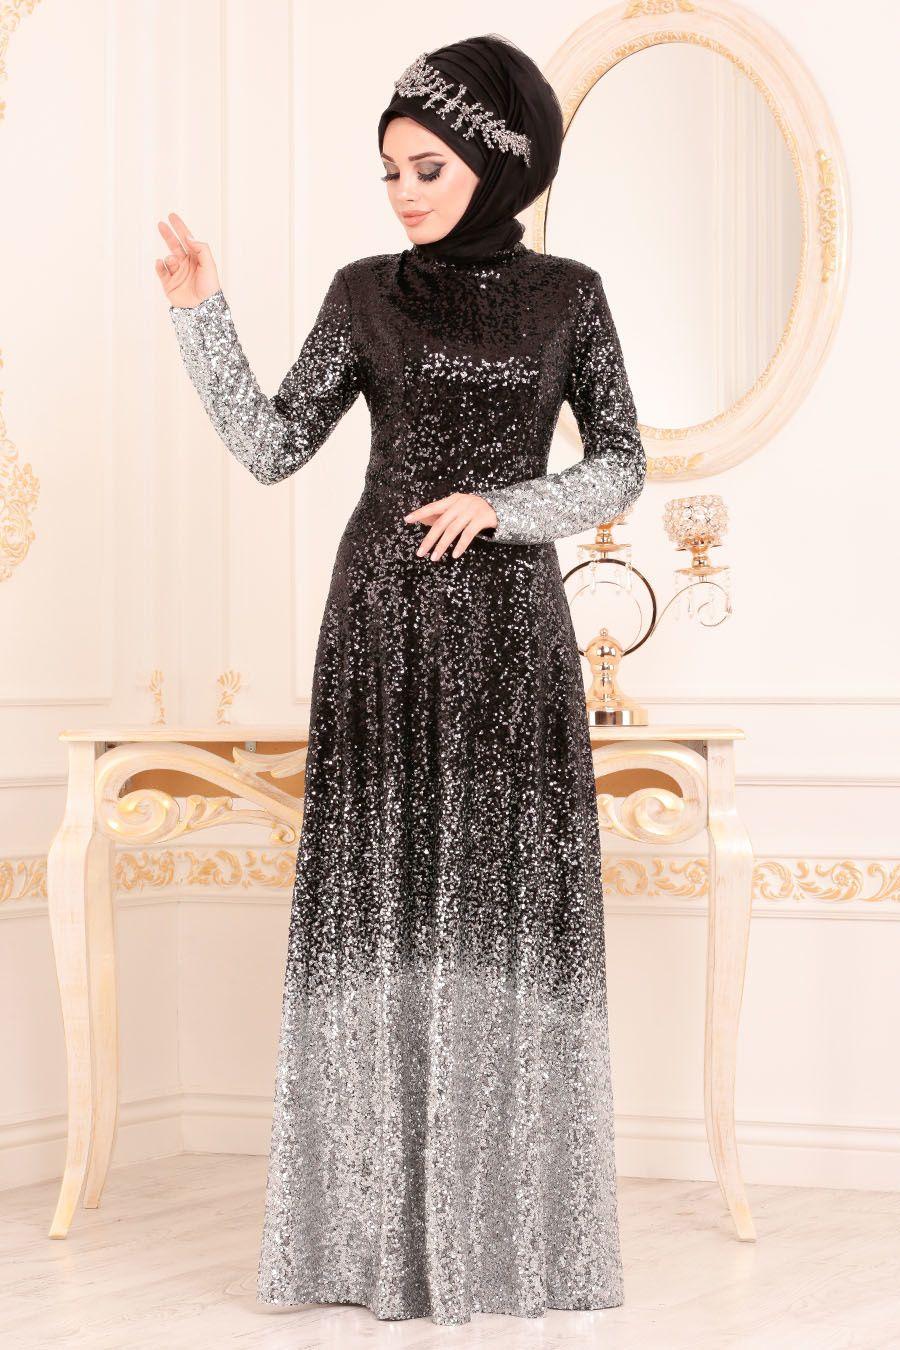 Tesetturlu Abiye Elbise Pul Payetli Gri Tesettur Abiye Elbise 8576gr Tesetturisland Com The Dress Elbise Aksamustu Giysileri